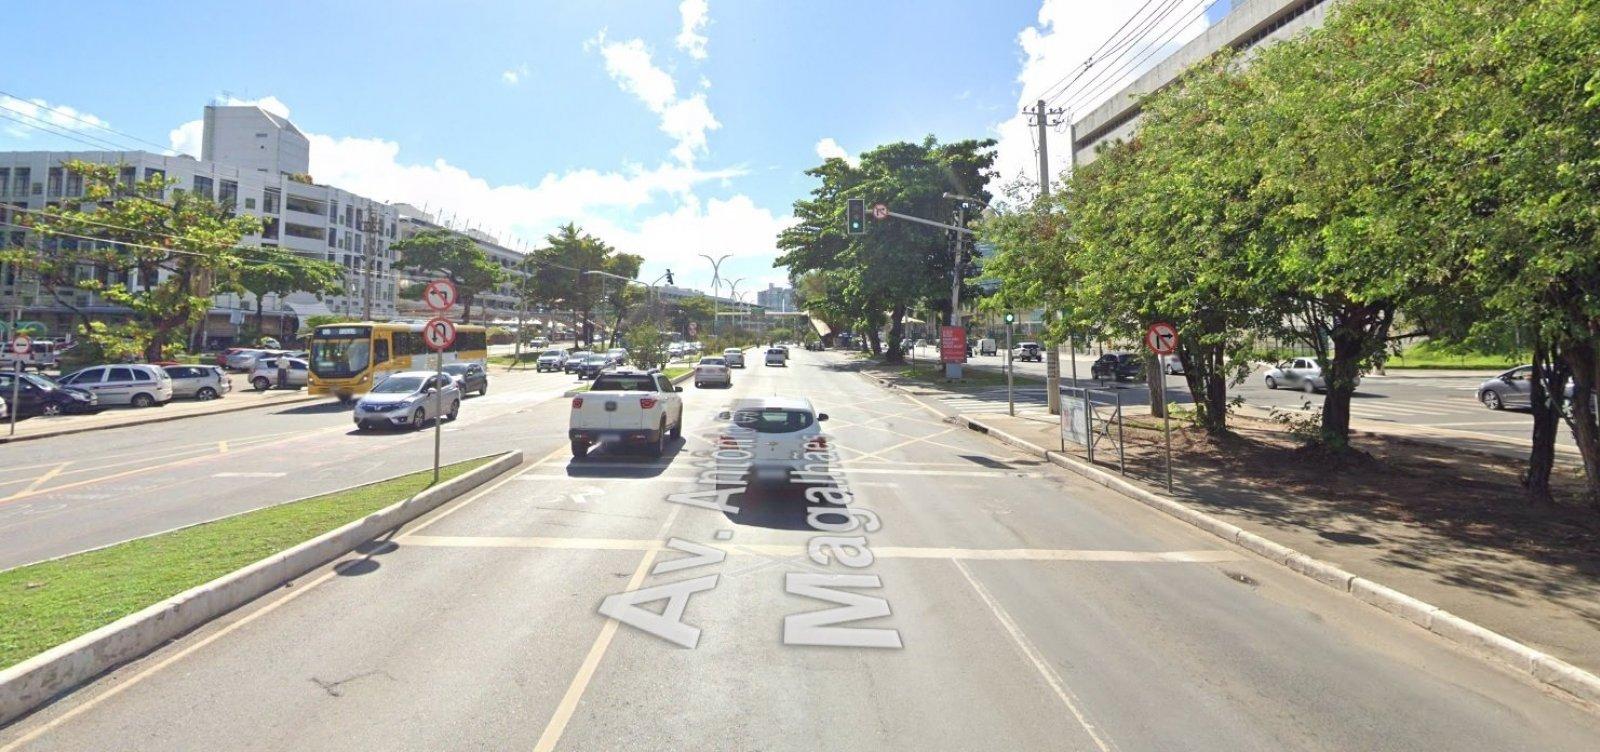 Trânsito no Itaigara terá mudanças a partir deste sábado; confira